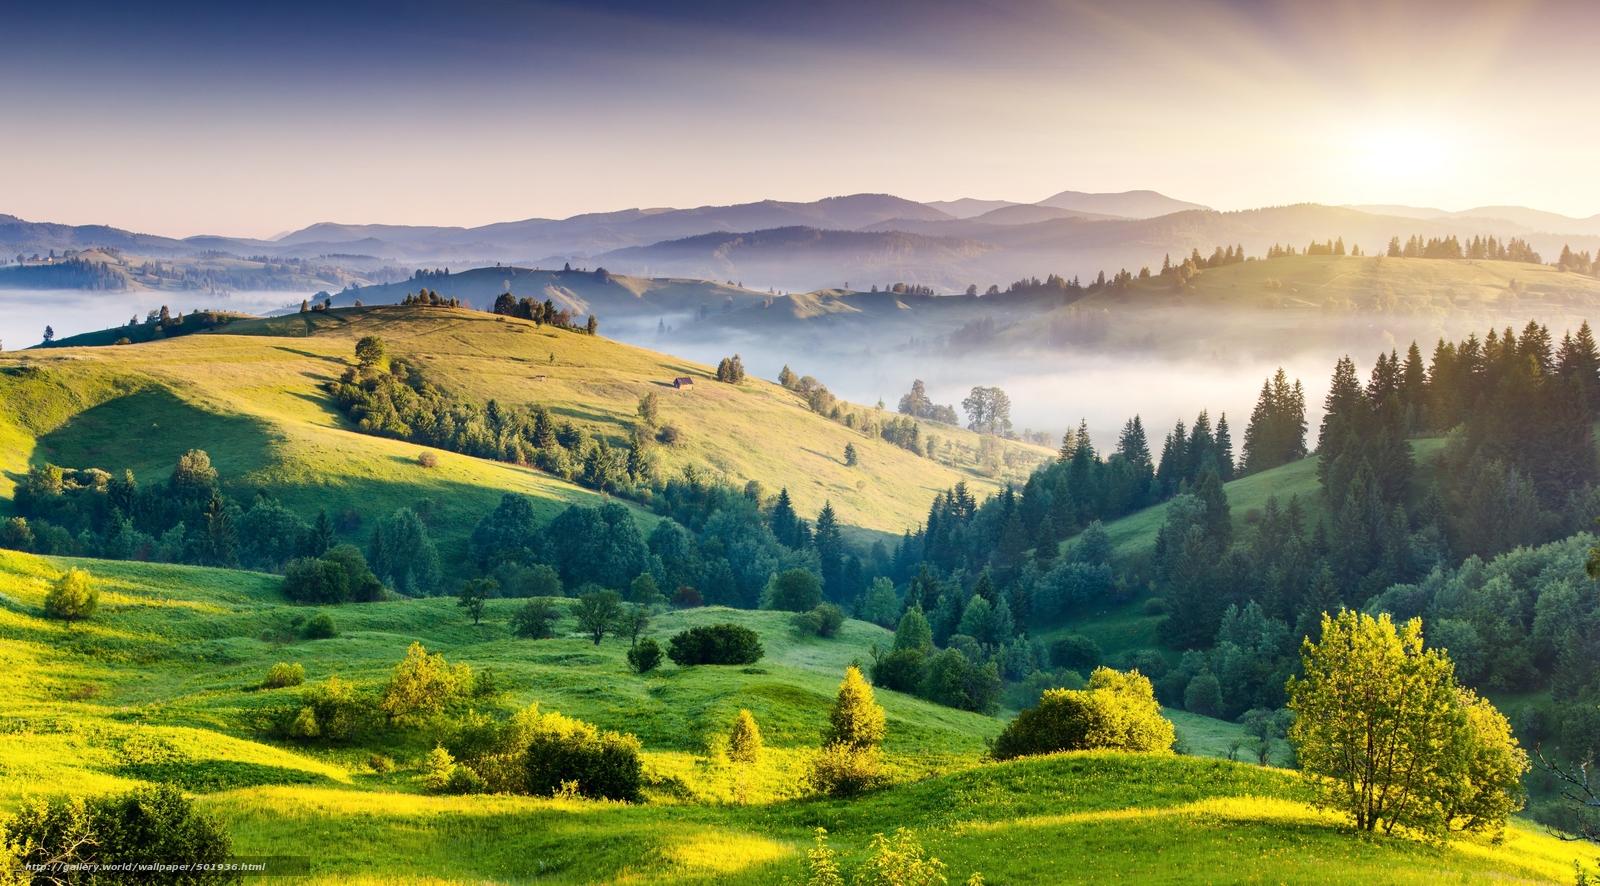 Скачать обои пейзаж,  природа,  холмы,  деревья бесплатно для рабочего стола в разрешении 5576x3087 — картинка №501936